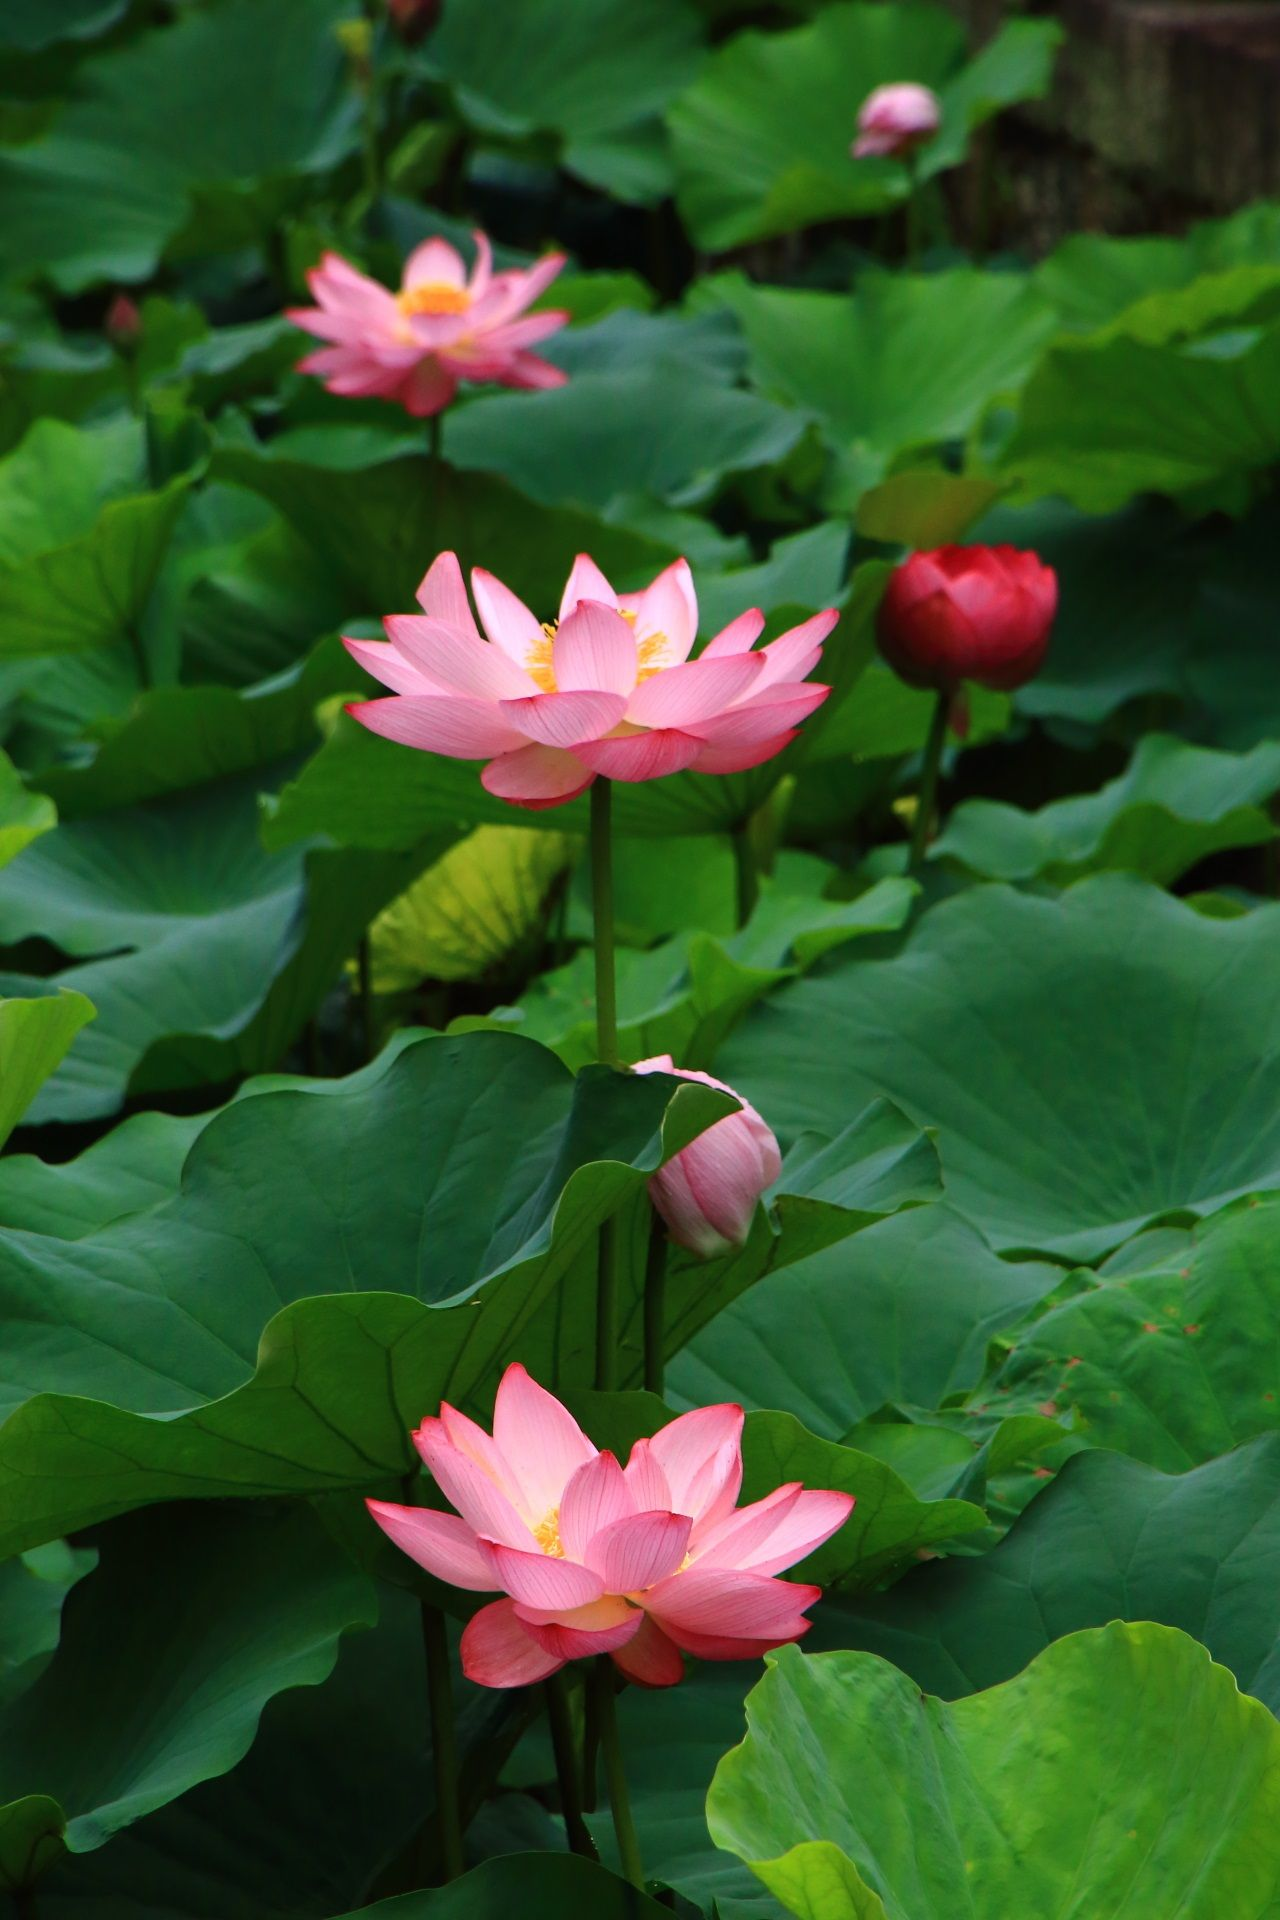 心の中で咲く時にポンと音がする蓮の花 蓮の花 ハスの花 美しい花